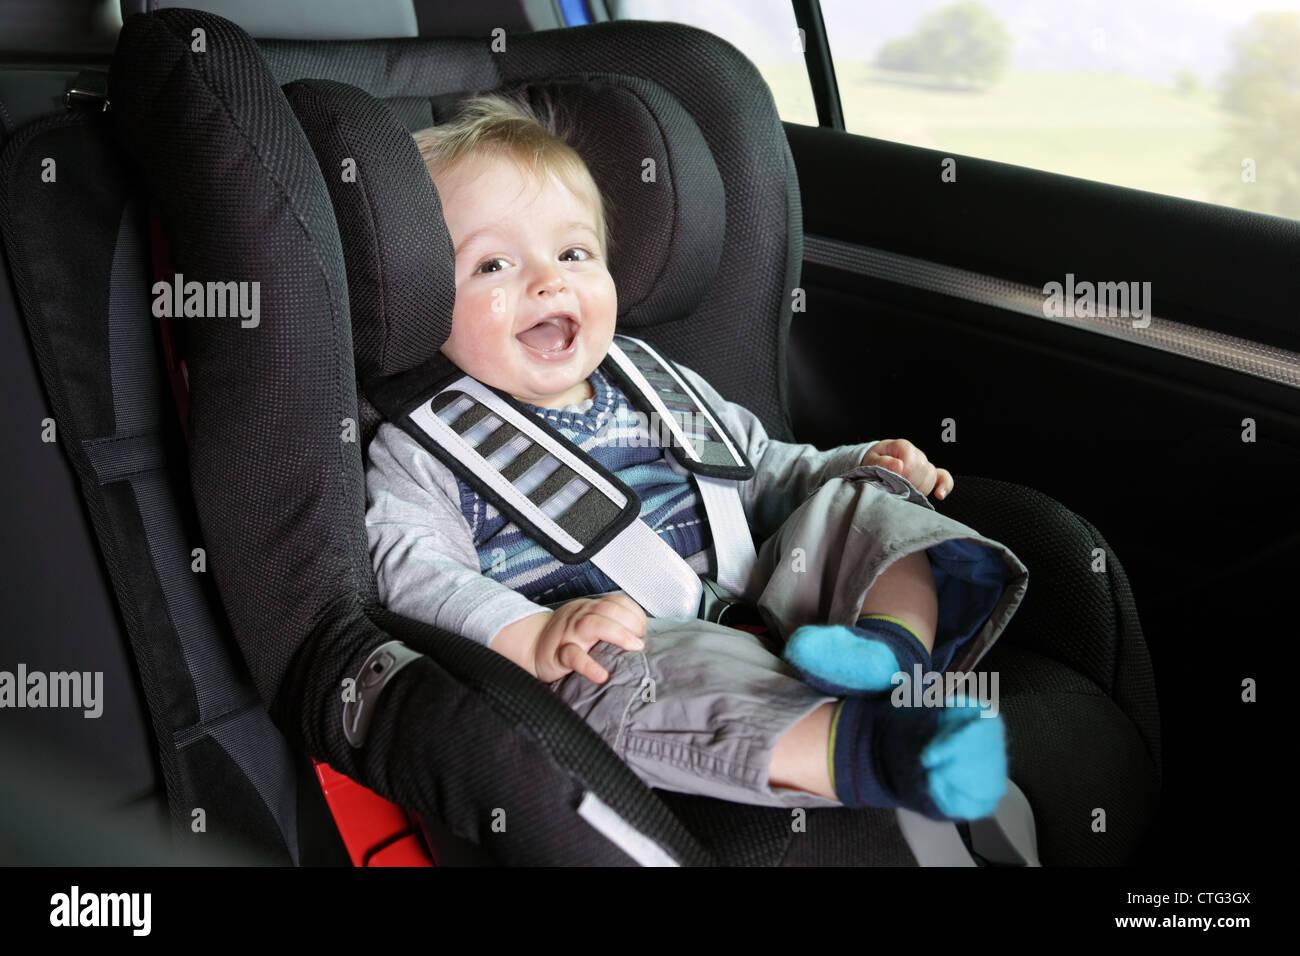 Baby boy in un seggiolino di sicurezza per bambini seggiolino per auto Immagini Stock